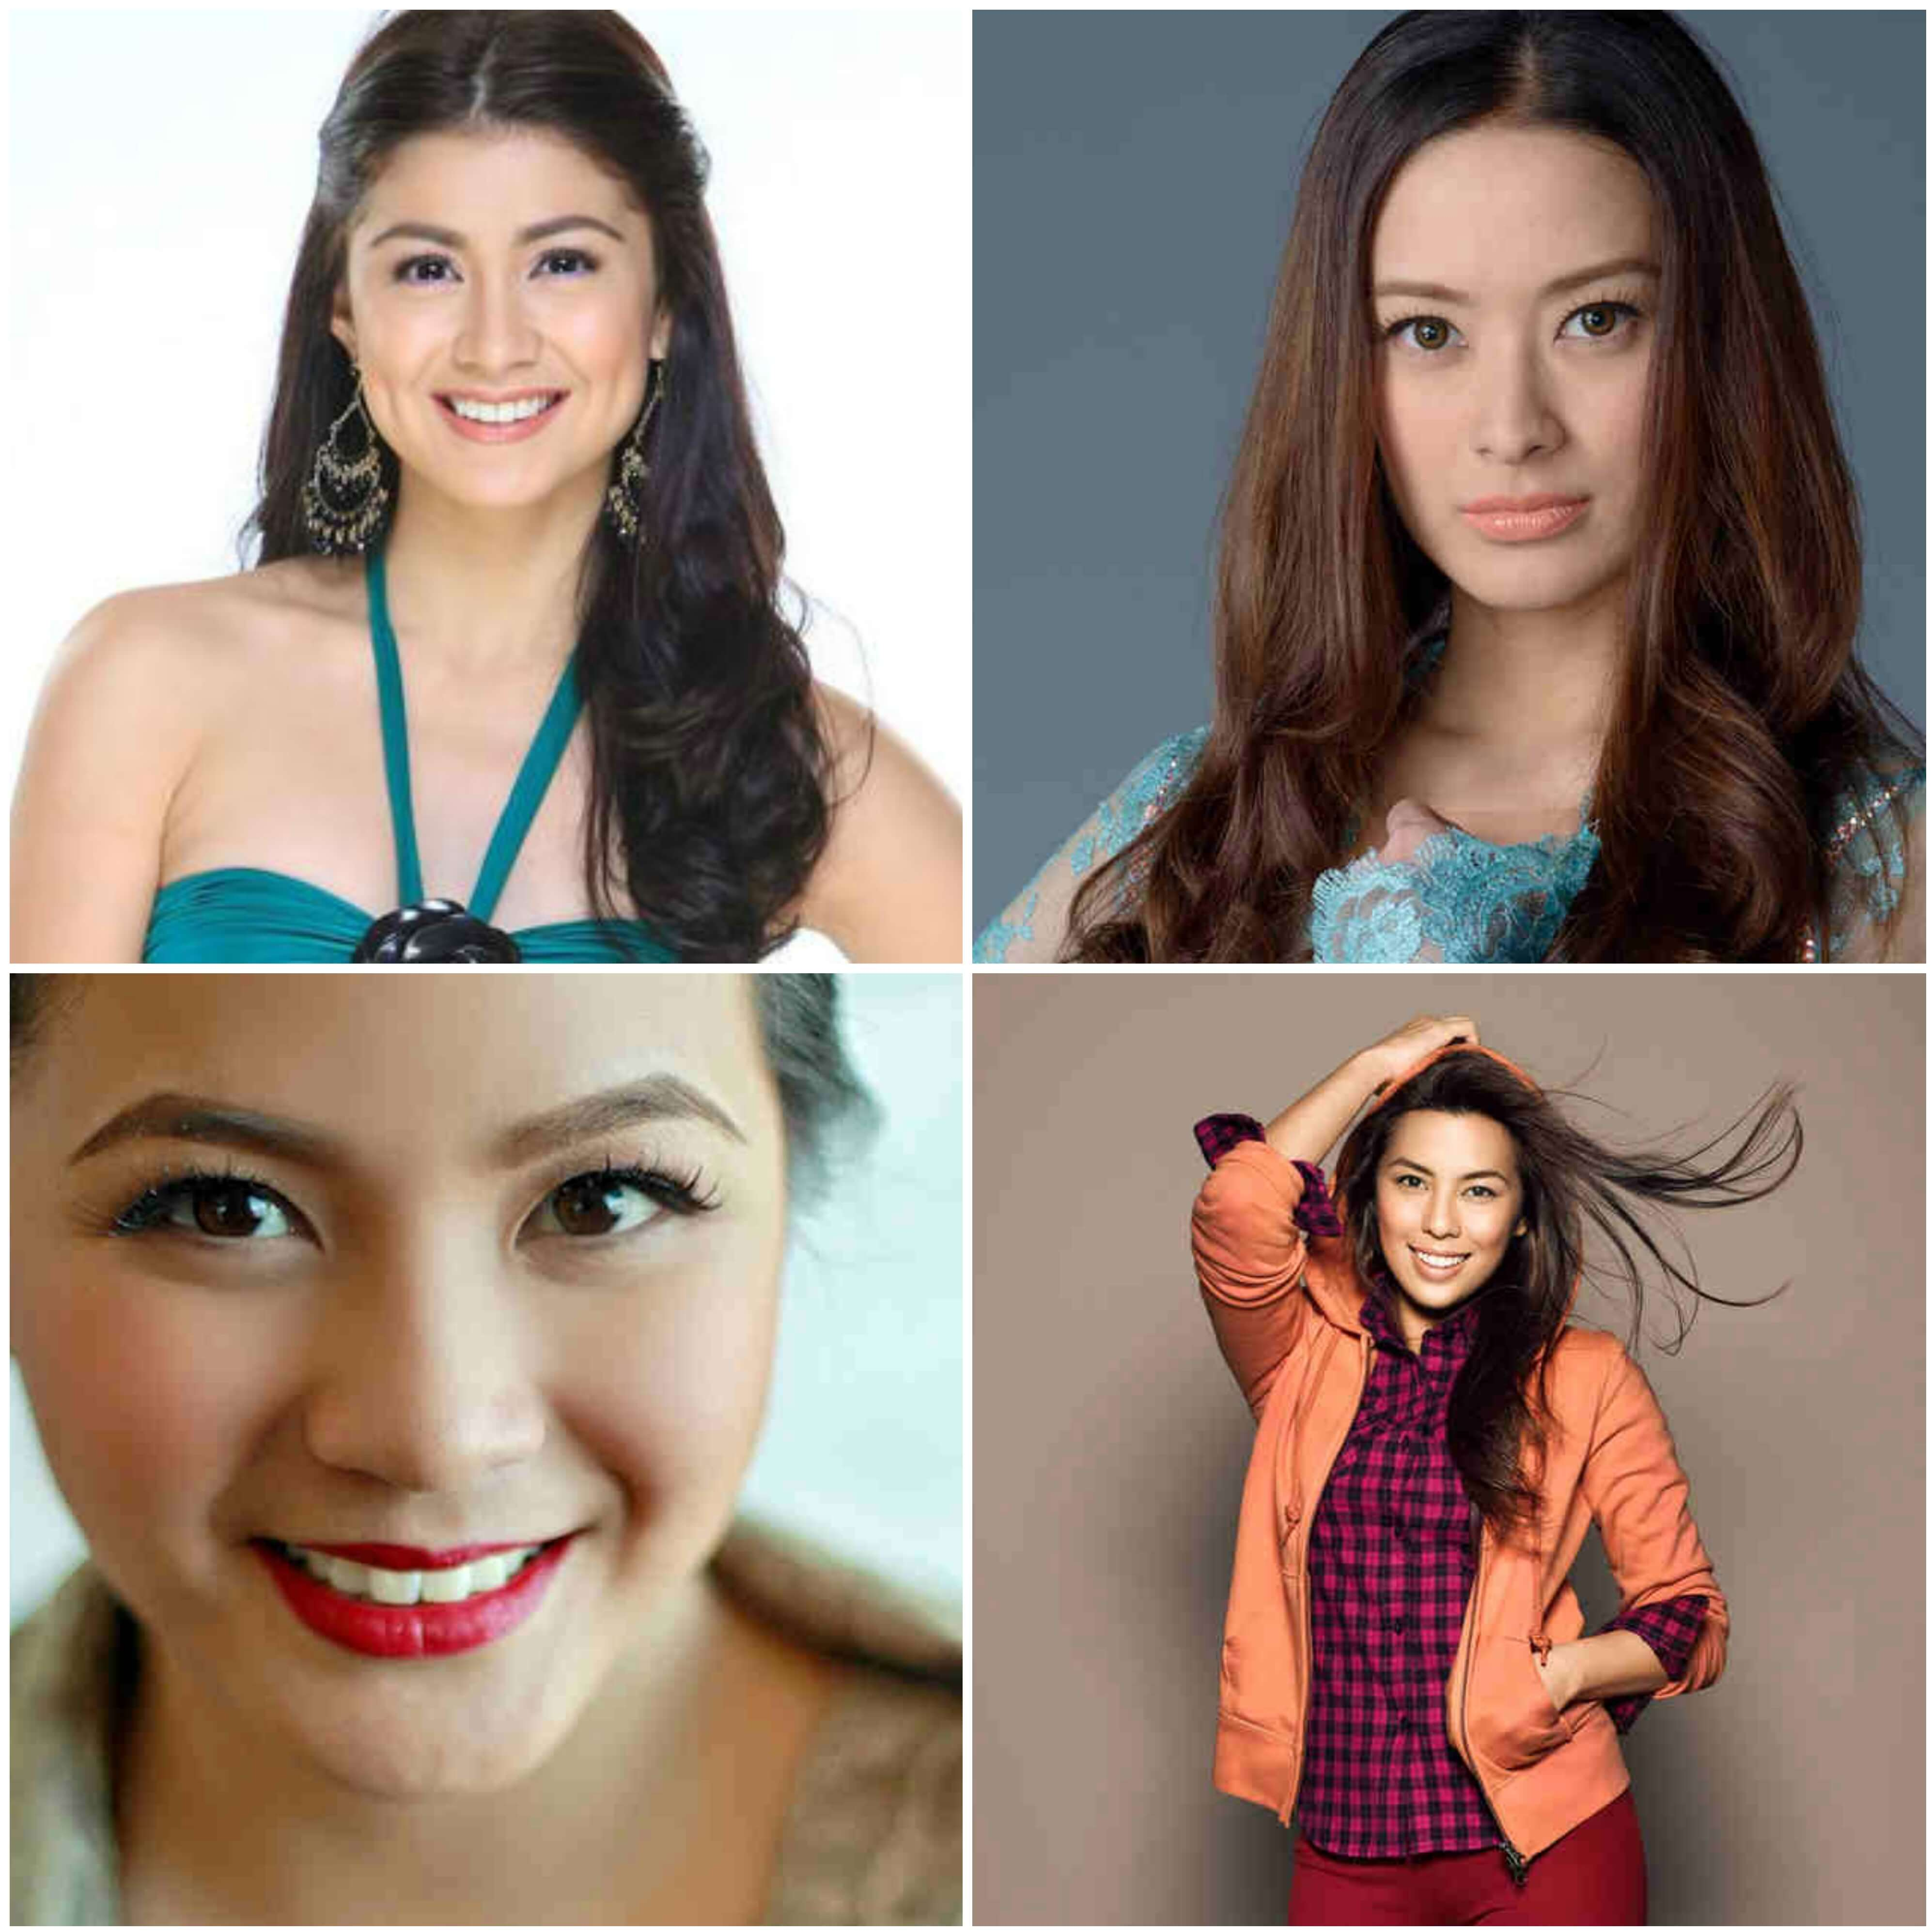 Pinoy celebrity schools